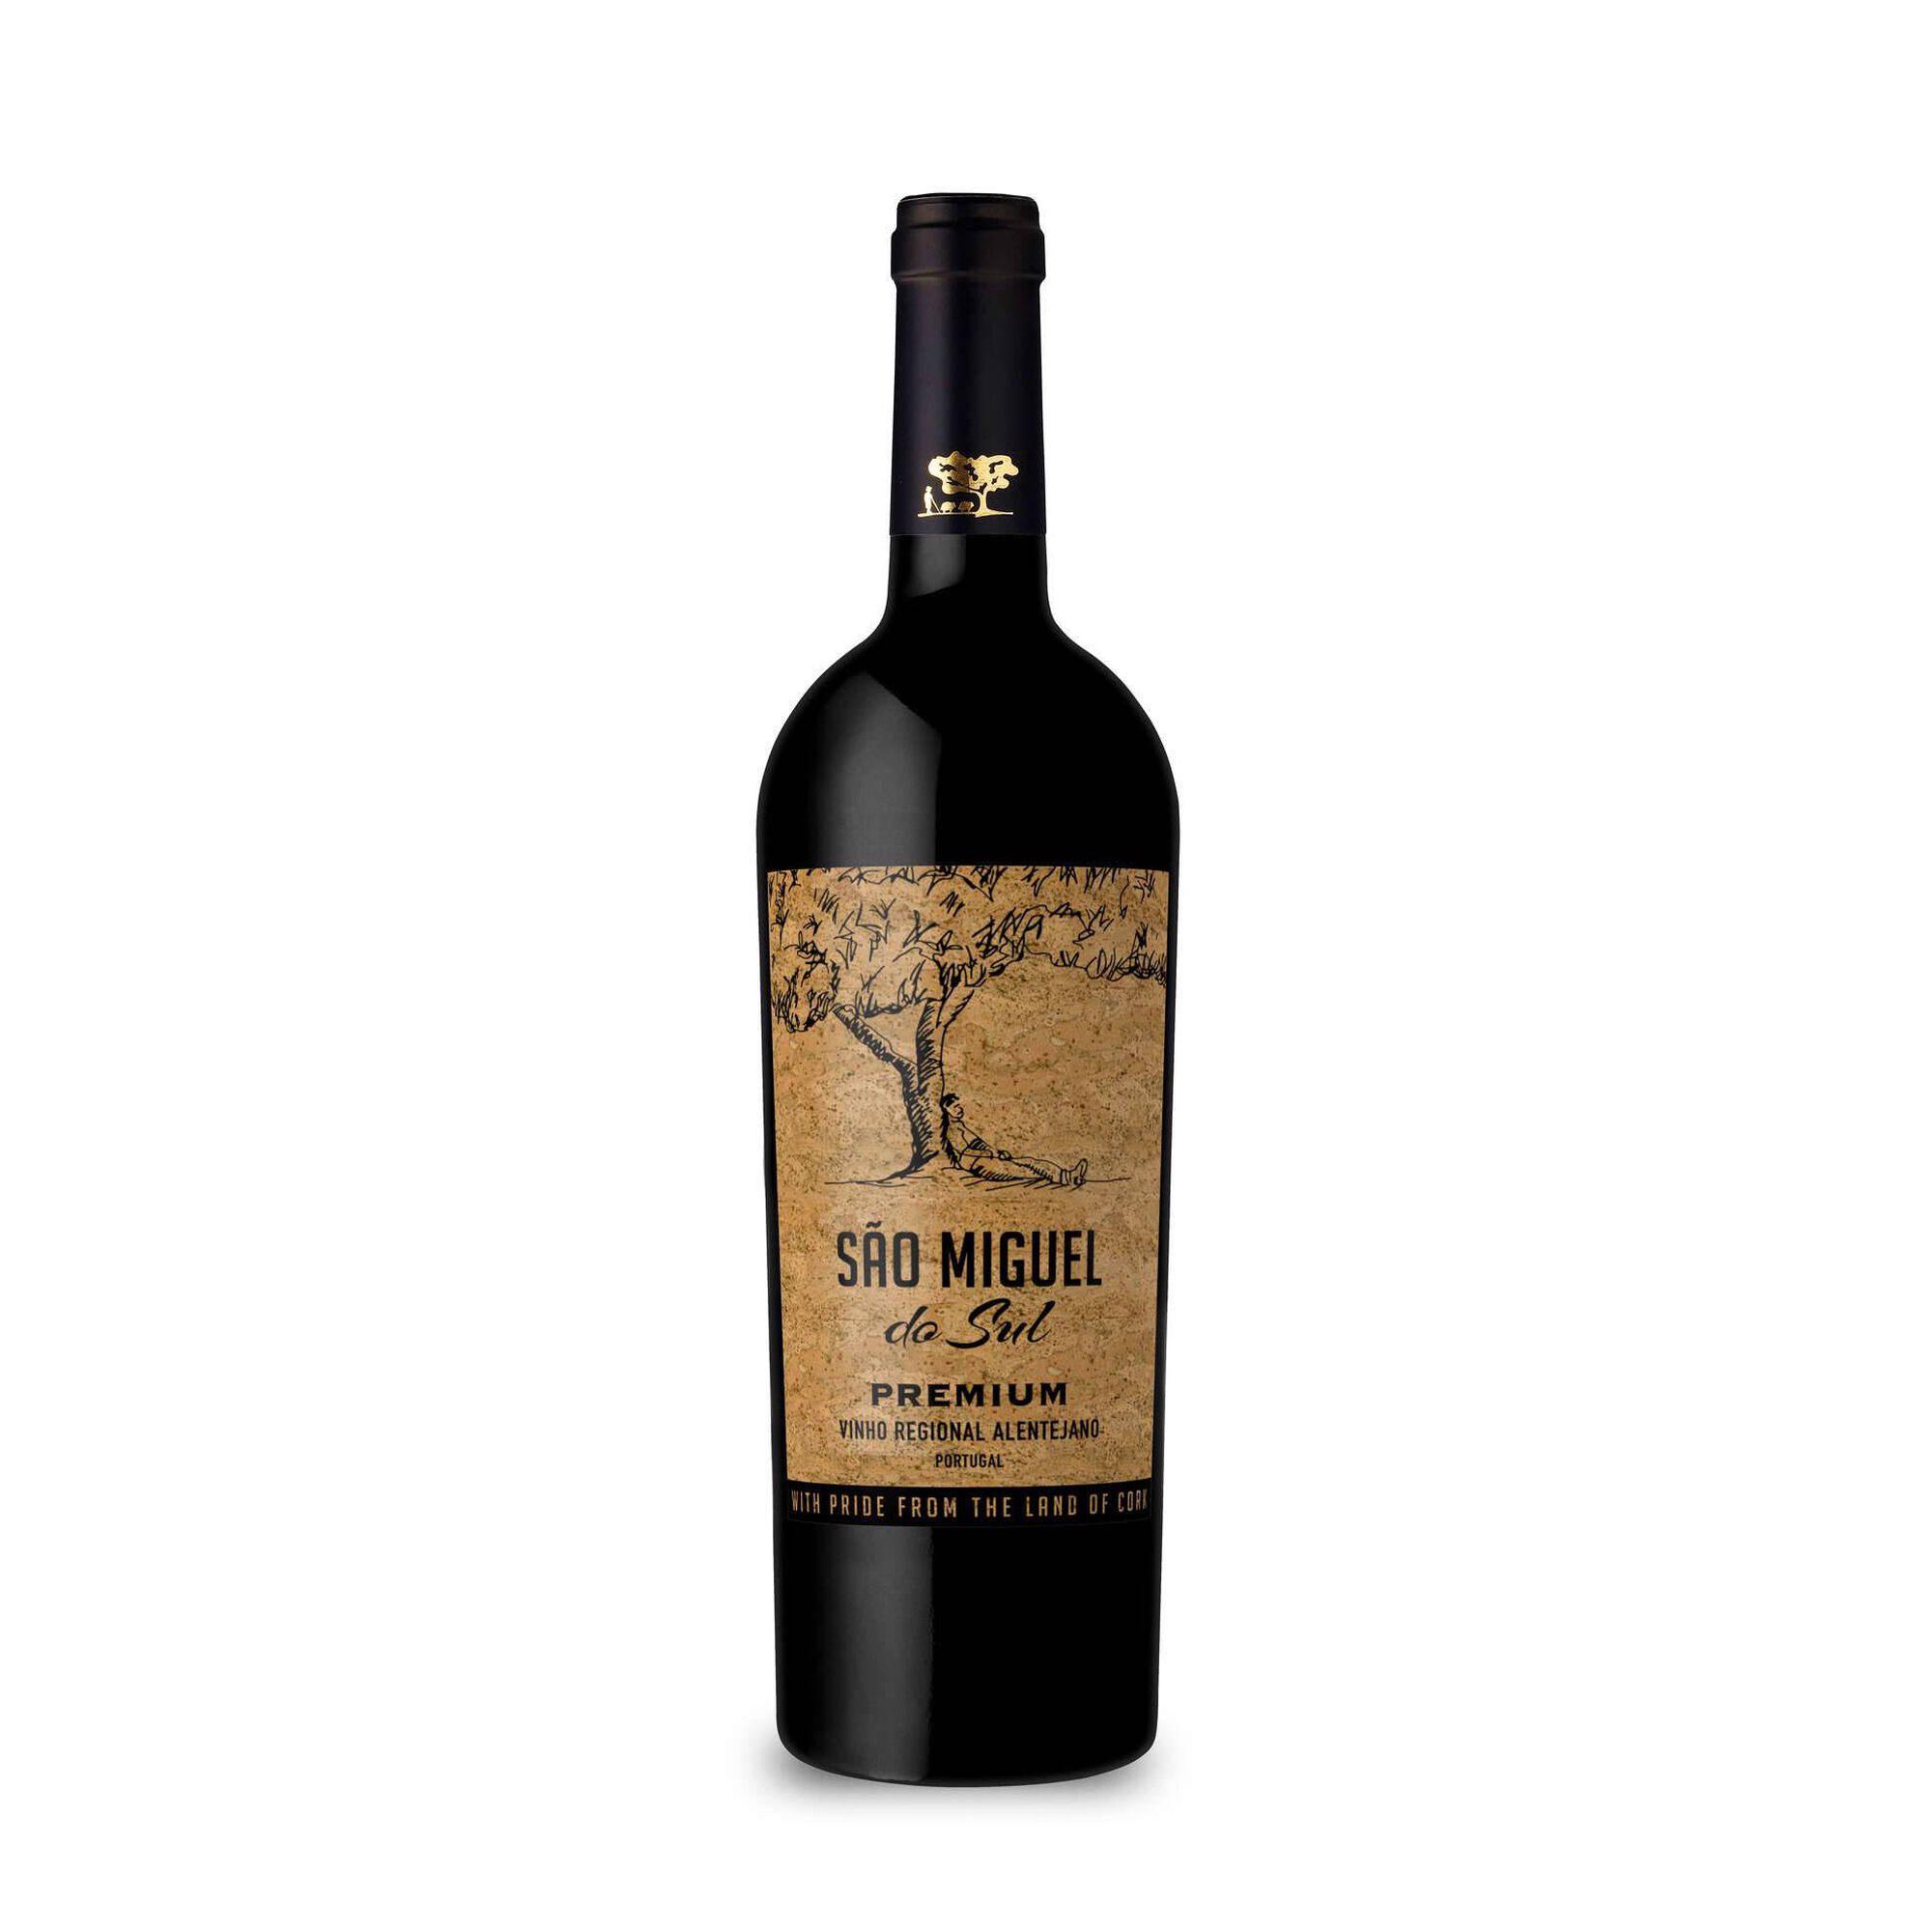 São Miguel do Sul Premium Regional Alentejano Vinho Tinto